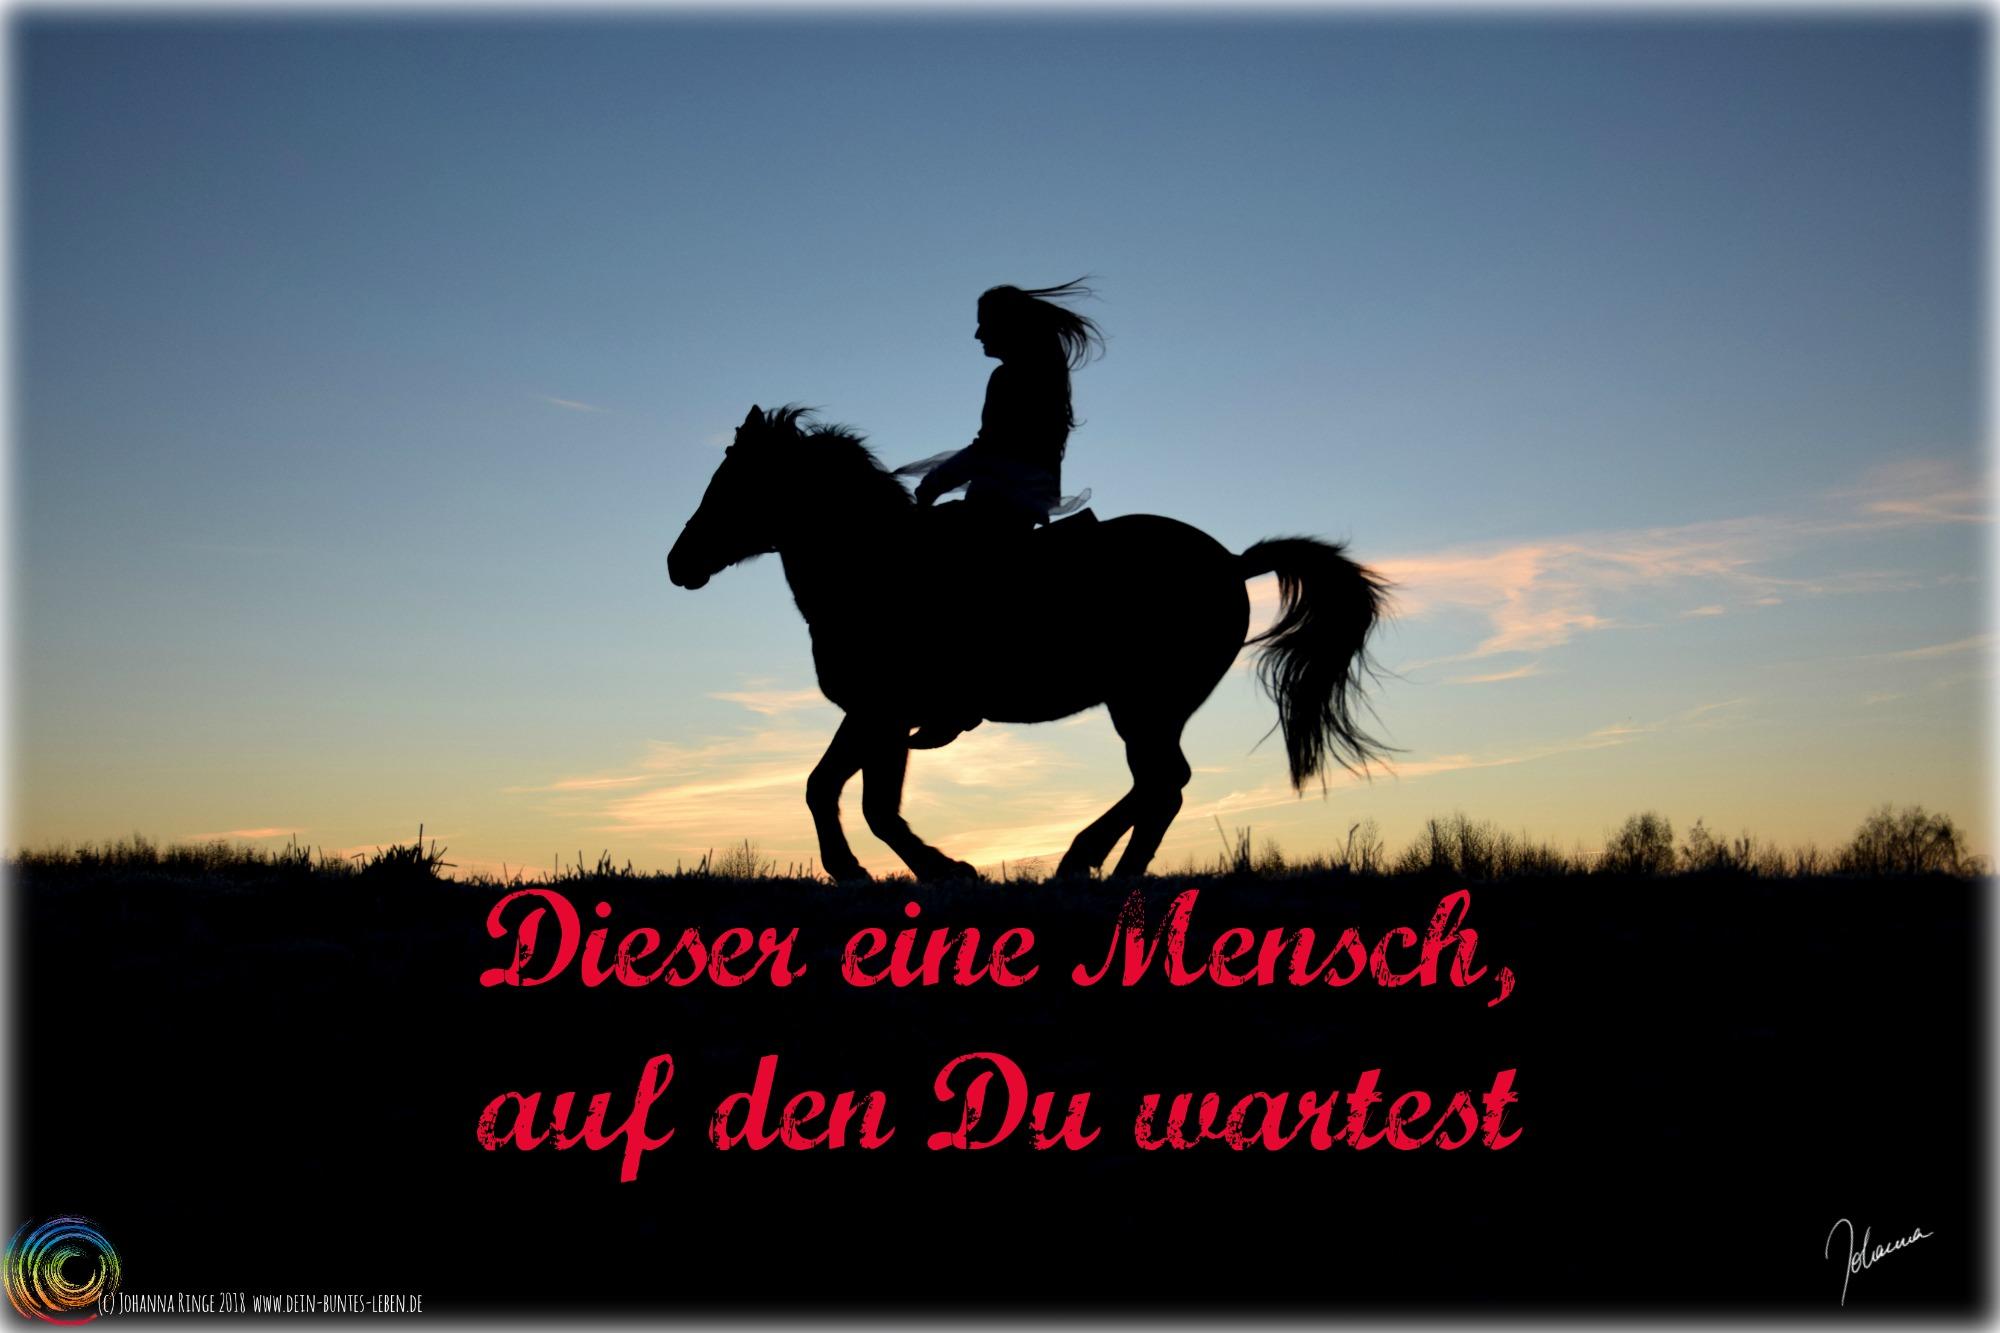 Dieser eine Mensch auf den Du wartest... Text vor Foto einer Reitersilhouette im Abendlicht. (c) Johanna Ringe www.dein-buntes-leben.de